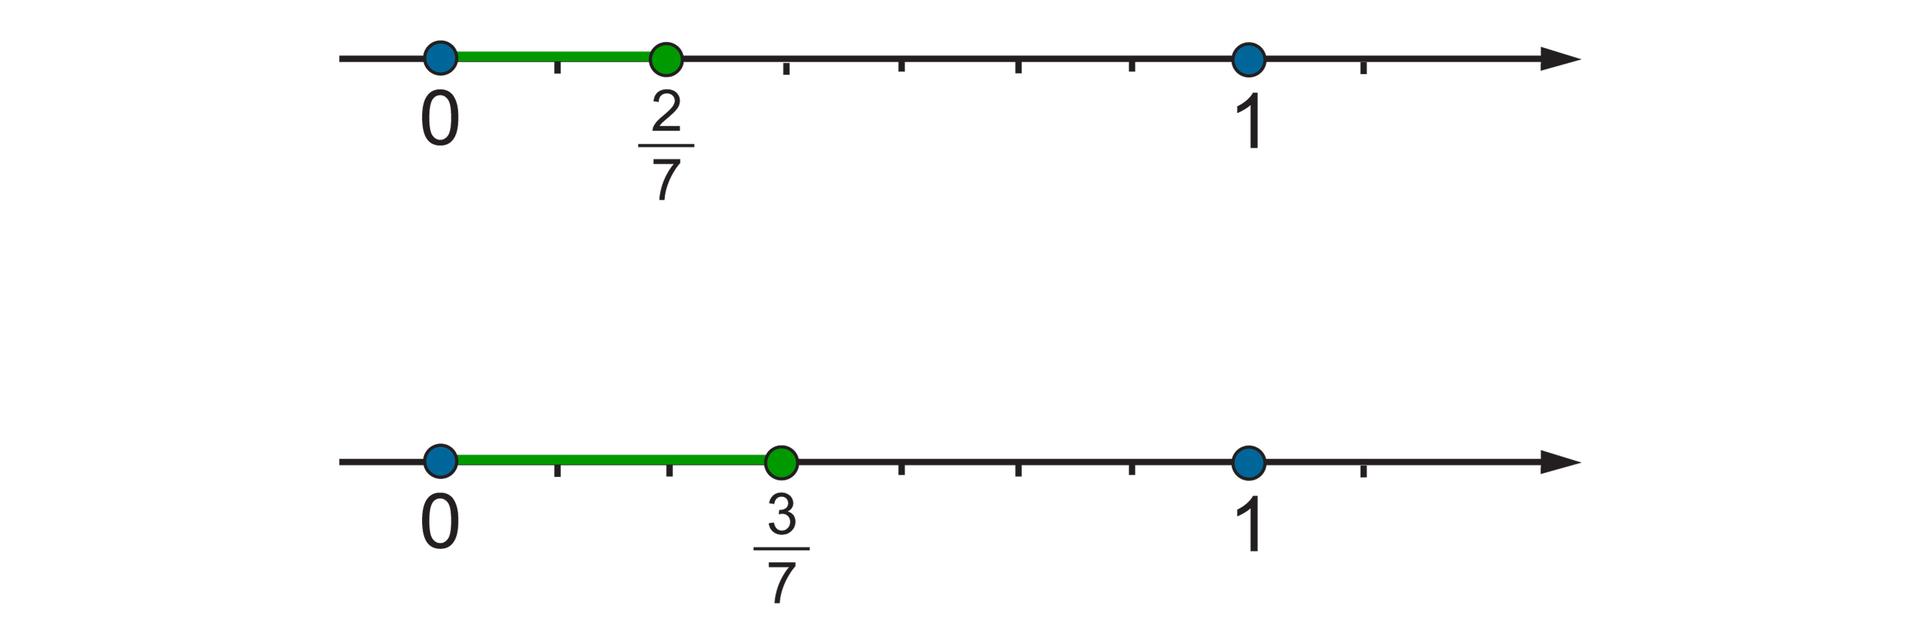 Rysunek dwóch osi liczbowych zzaznaczonymi punktami 0 i1. Odcinek jednostkowy podzielony na 7 równych części. Na pierwszej osi zaznaczony punkt dwie siódme. Na drugiej osi zaznaczony punkt trzy siódme.